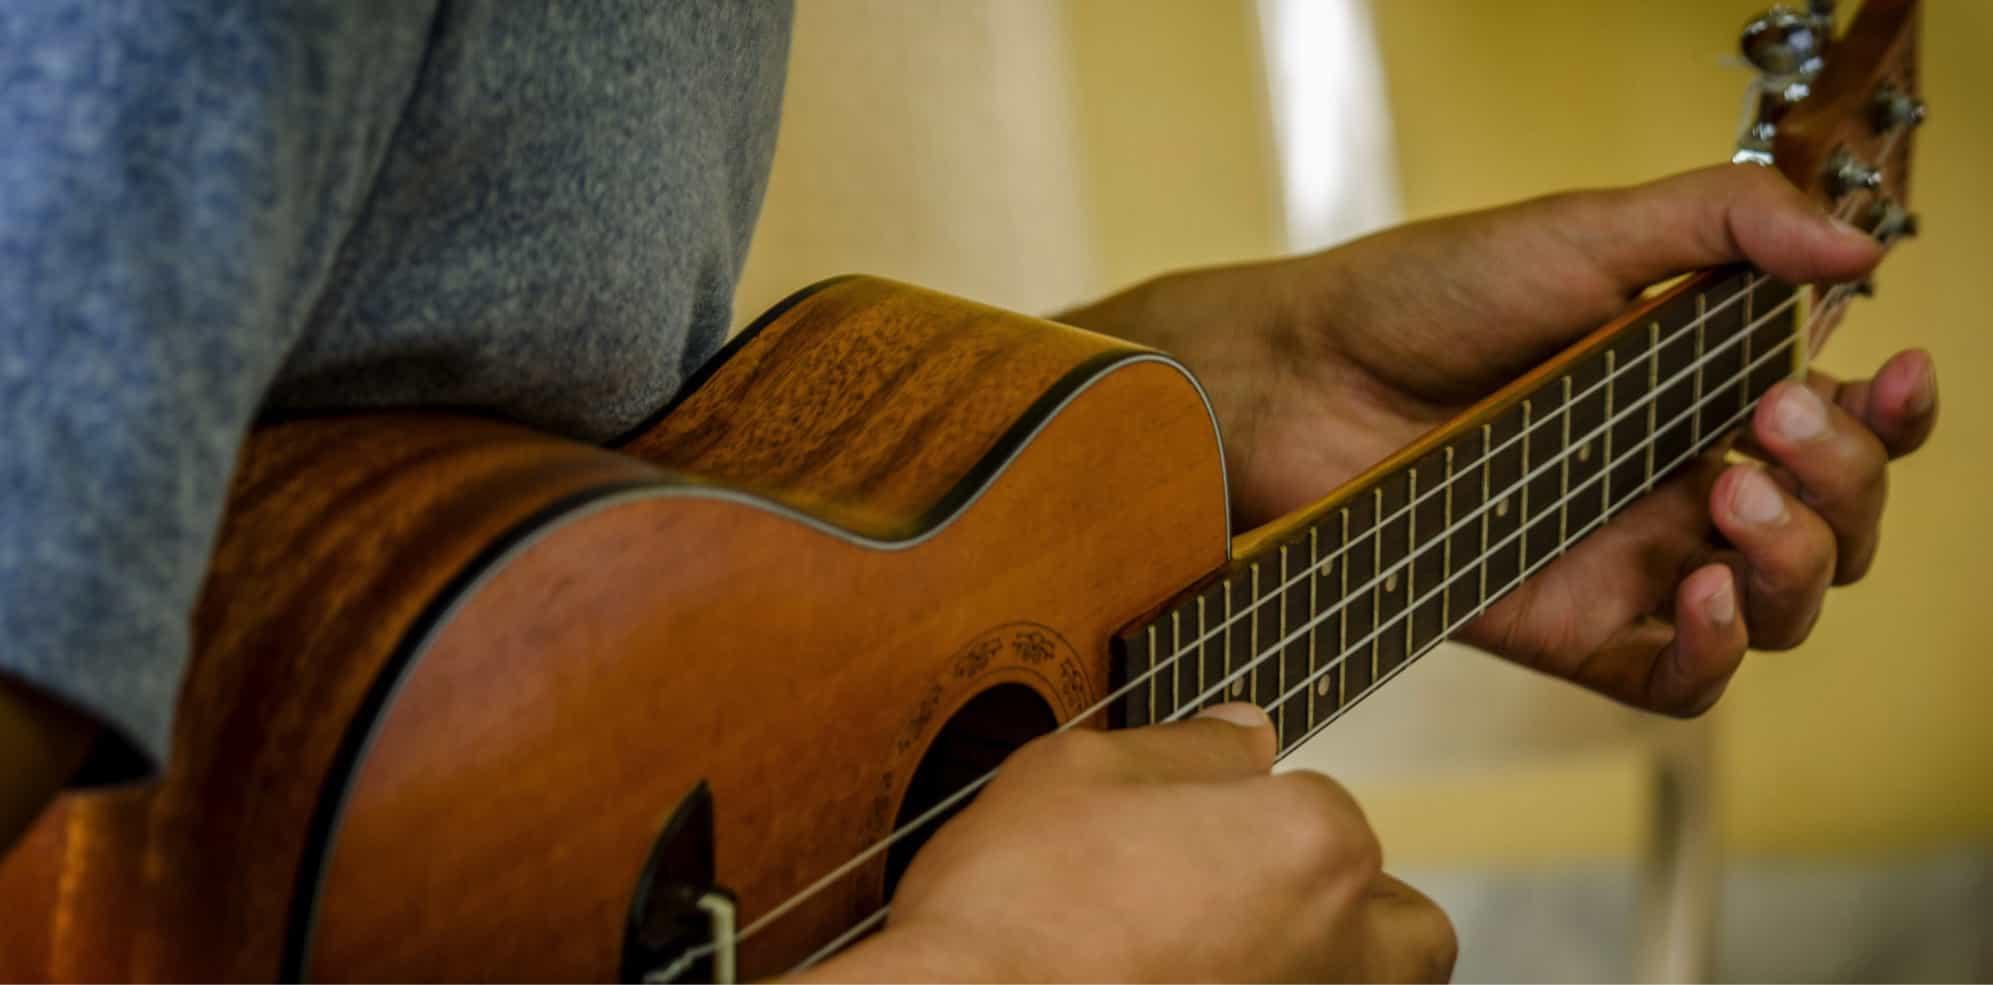 rocket ukulele